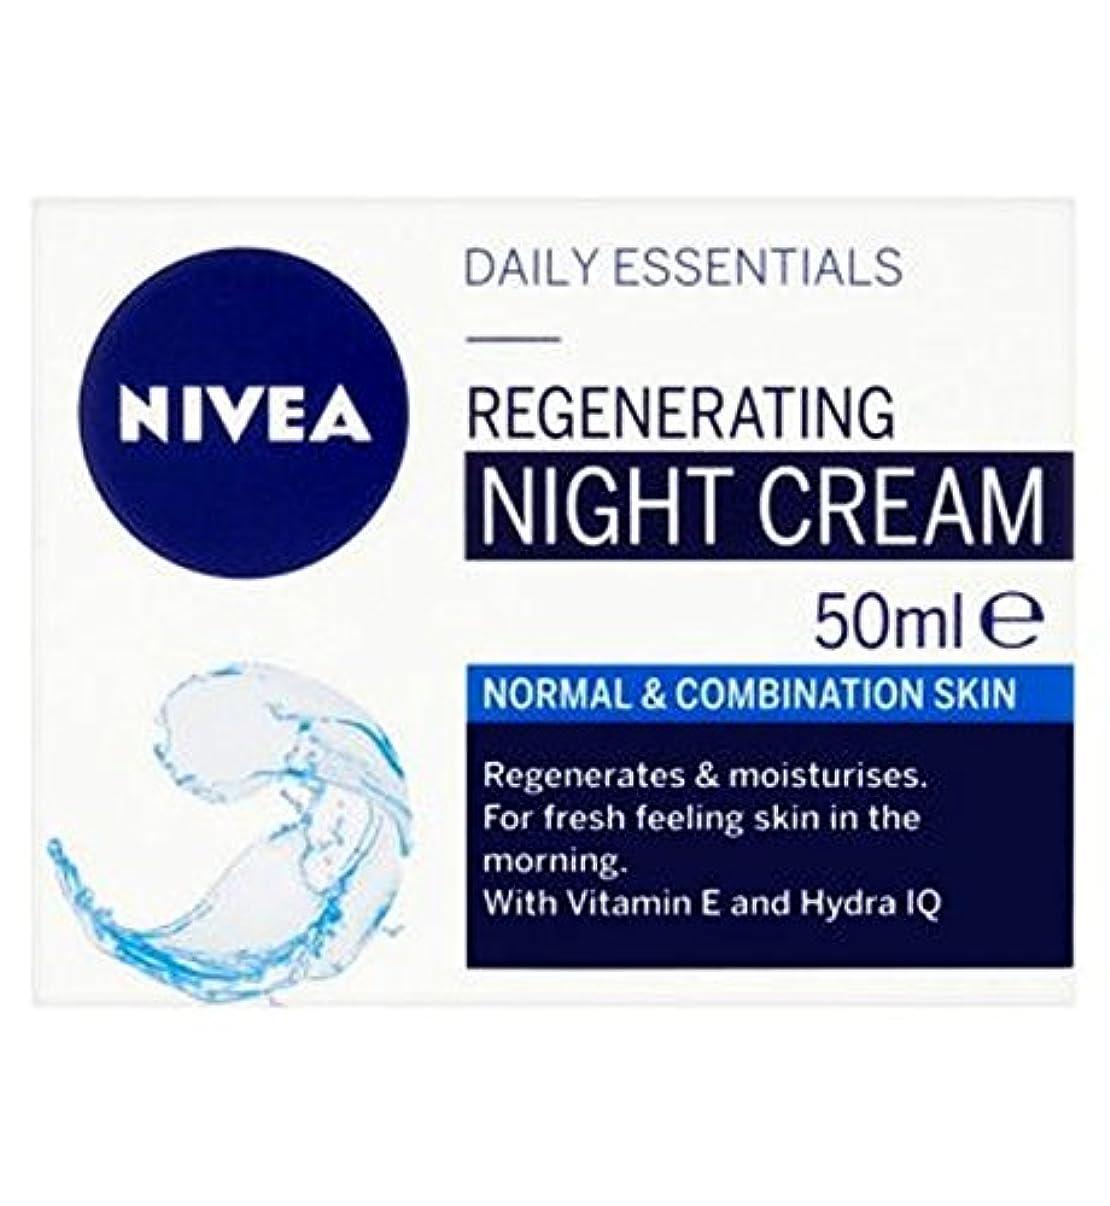 真実バイオリニスト寸前ノーマルと組み合わせ皮膚50ミリリットルのためのナイトクリームを再生ニベア生活必需品 (Nivea) (x2) - NIVEA Daily Essentials Regenerating Night Cream For Normal and Combination Skin 50ml (Pack of 2) [並行輸入品]